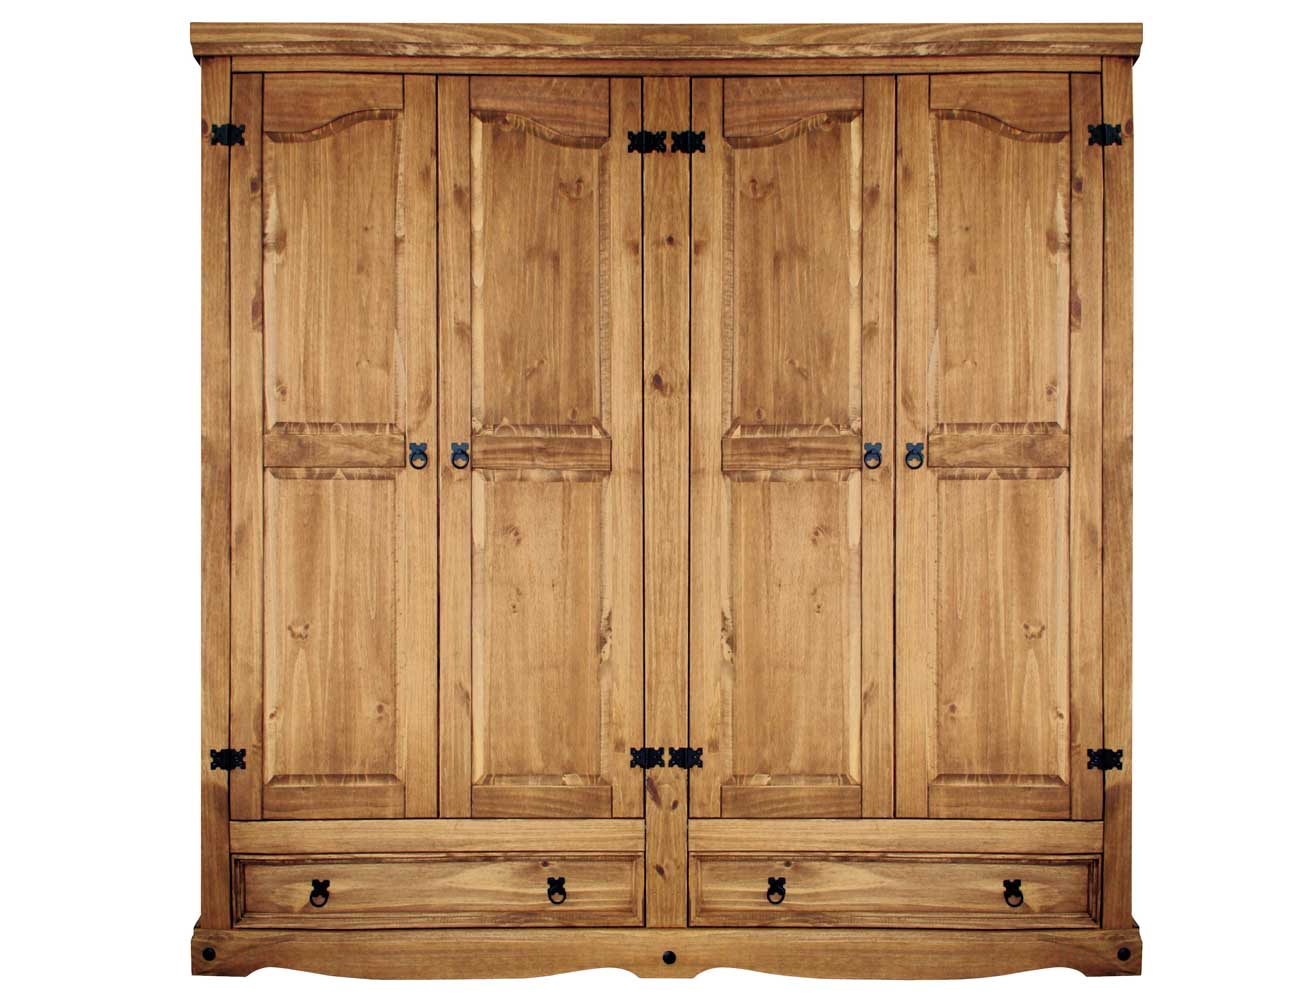 Armario madera rustico 4 puertas 2 cajones 195 cm